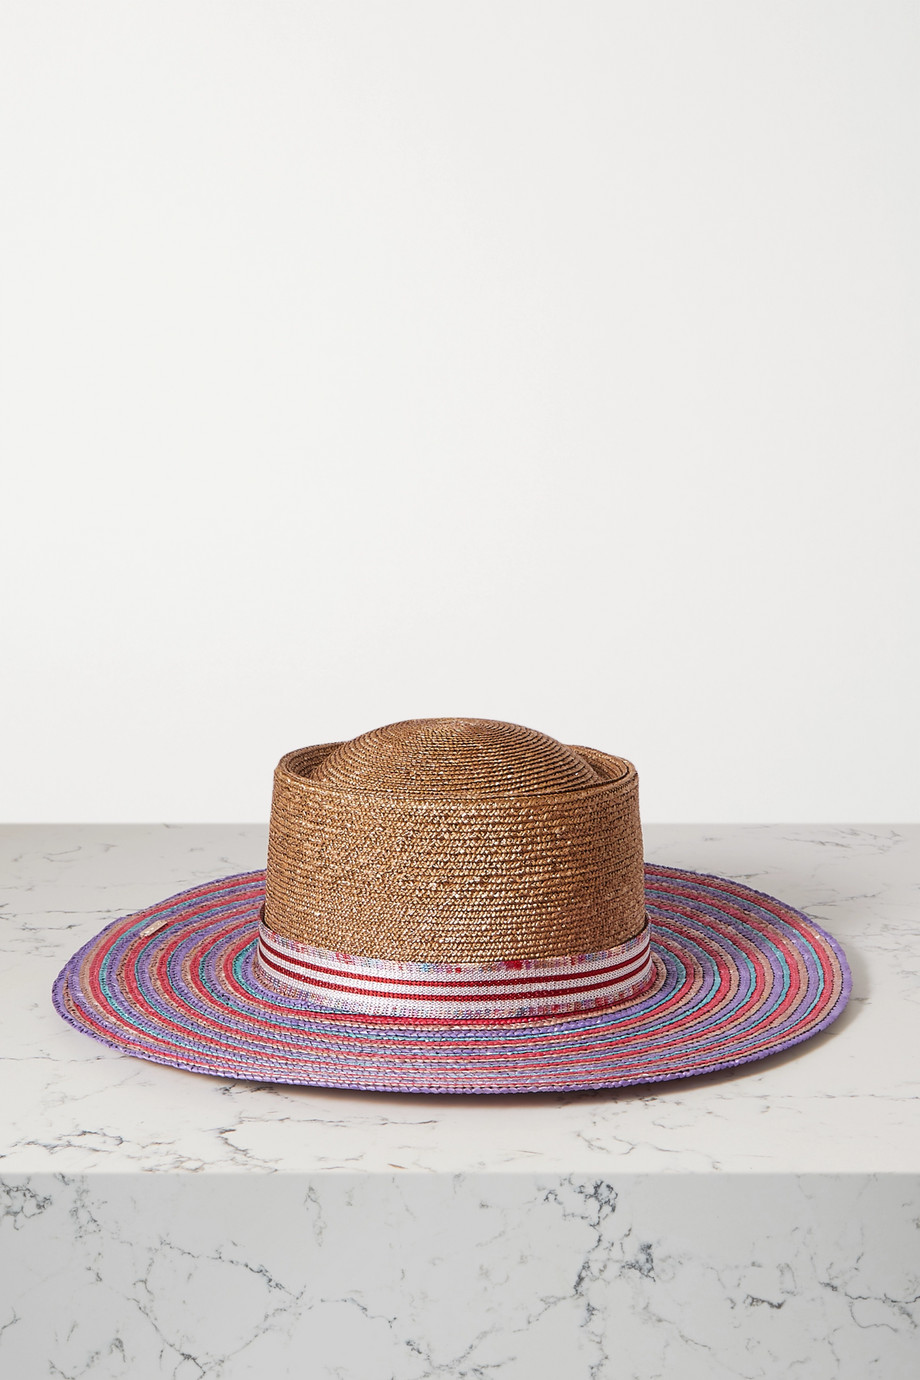 Missoni Sonnenhut aus Stroh mit Streifen und Ripsband